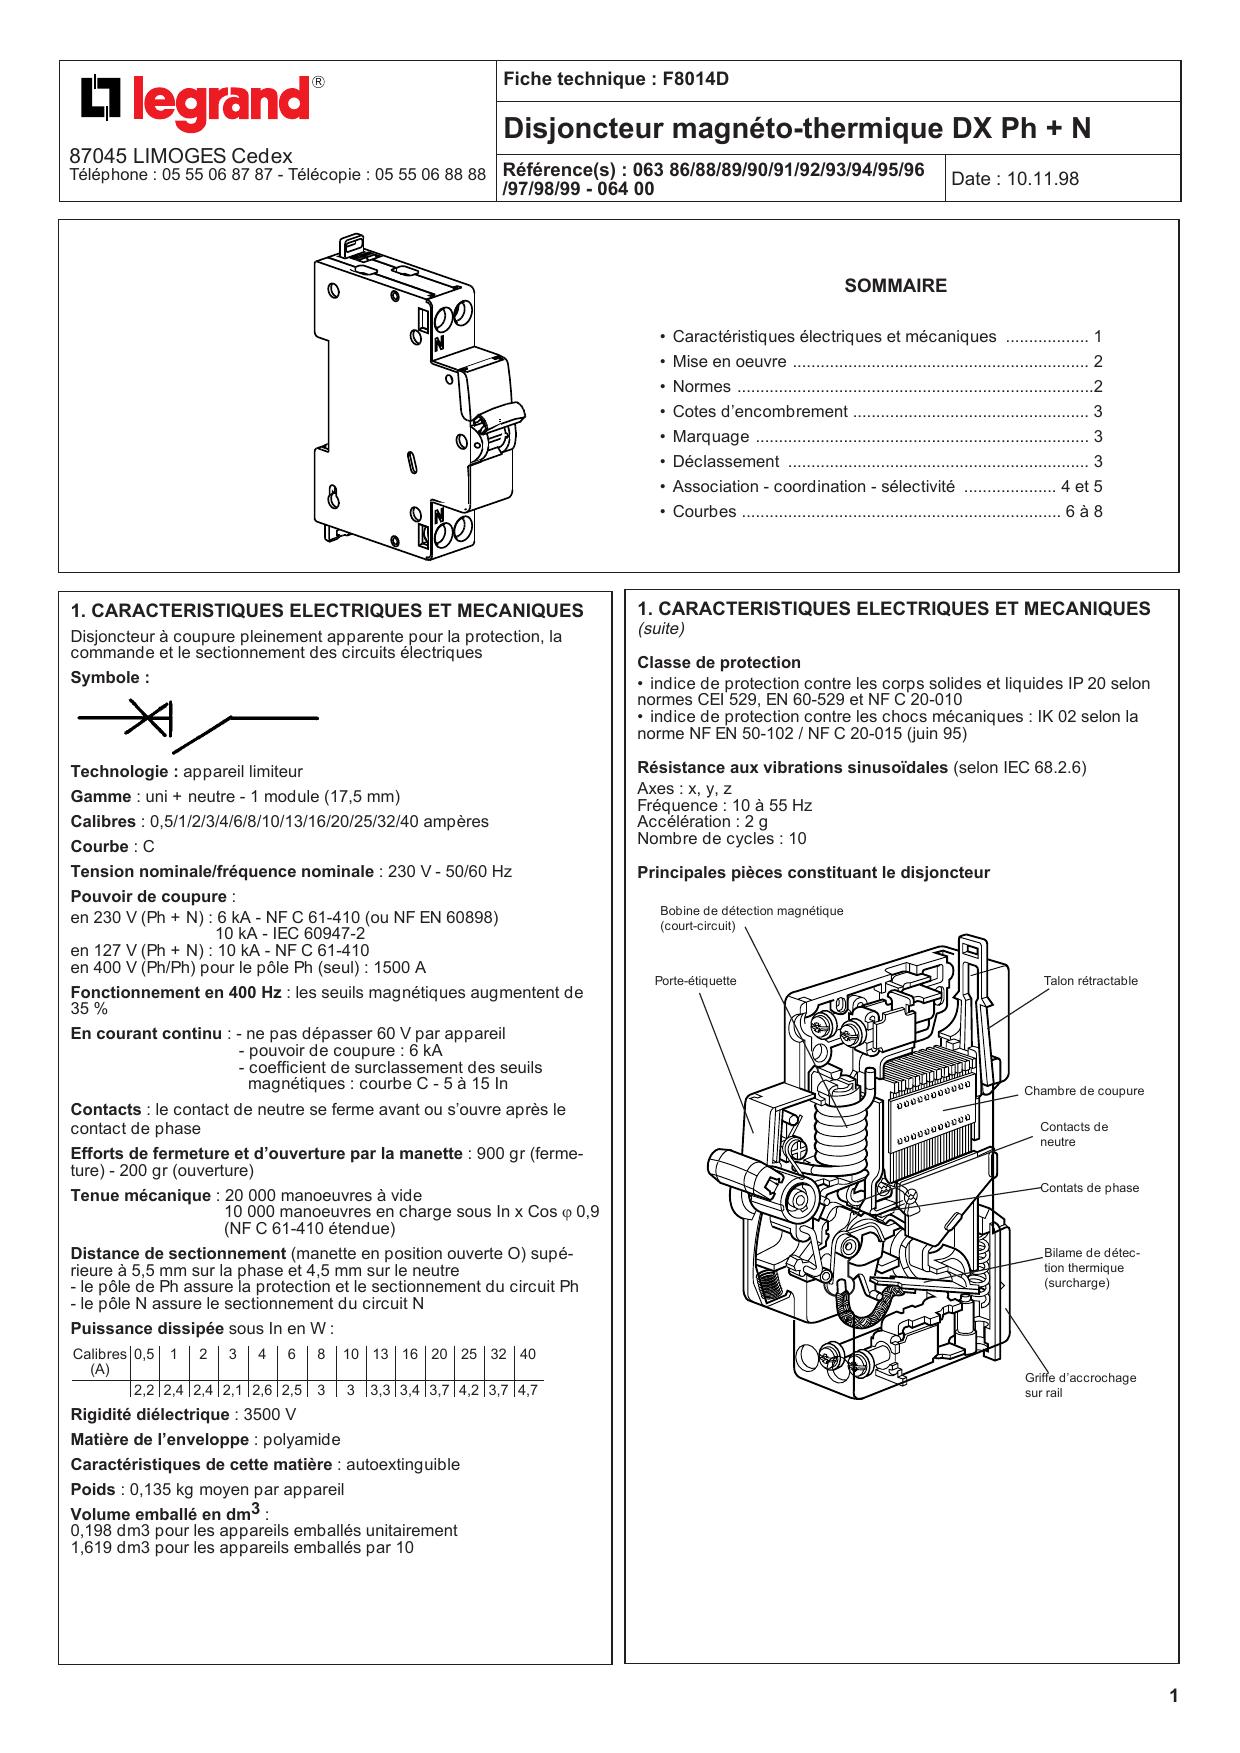 PANASONIC RESISTANCE QUARTZ X 2 LONGUEUR 335 MM E630G6R10GP